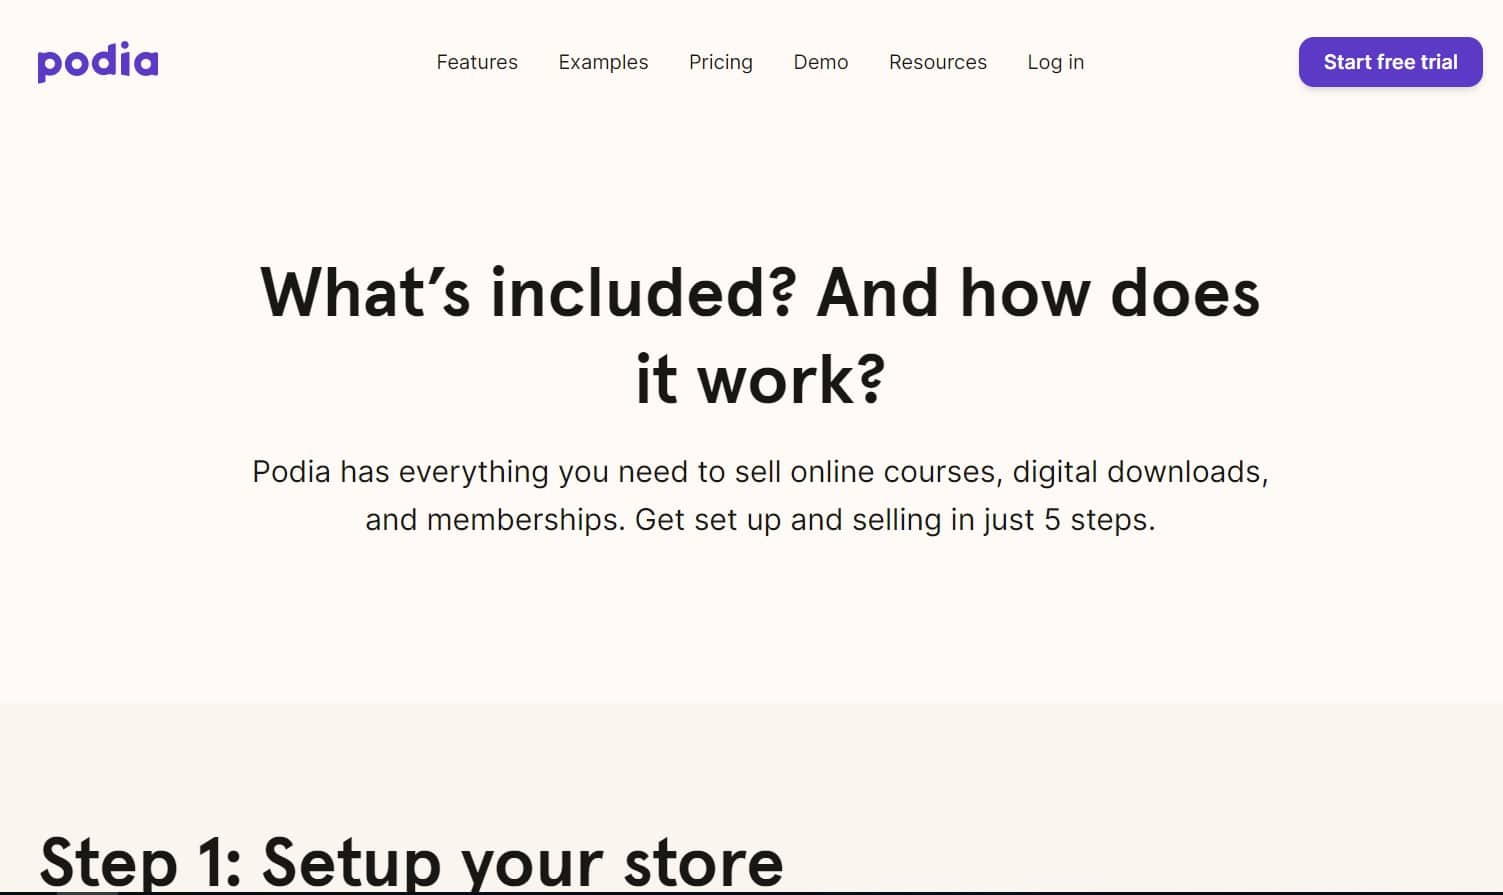 Podia - Plateforme de formation en ligne